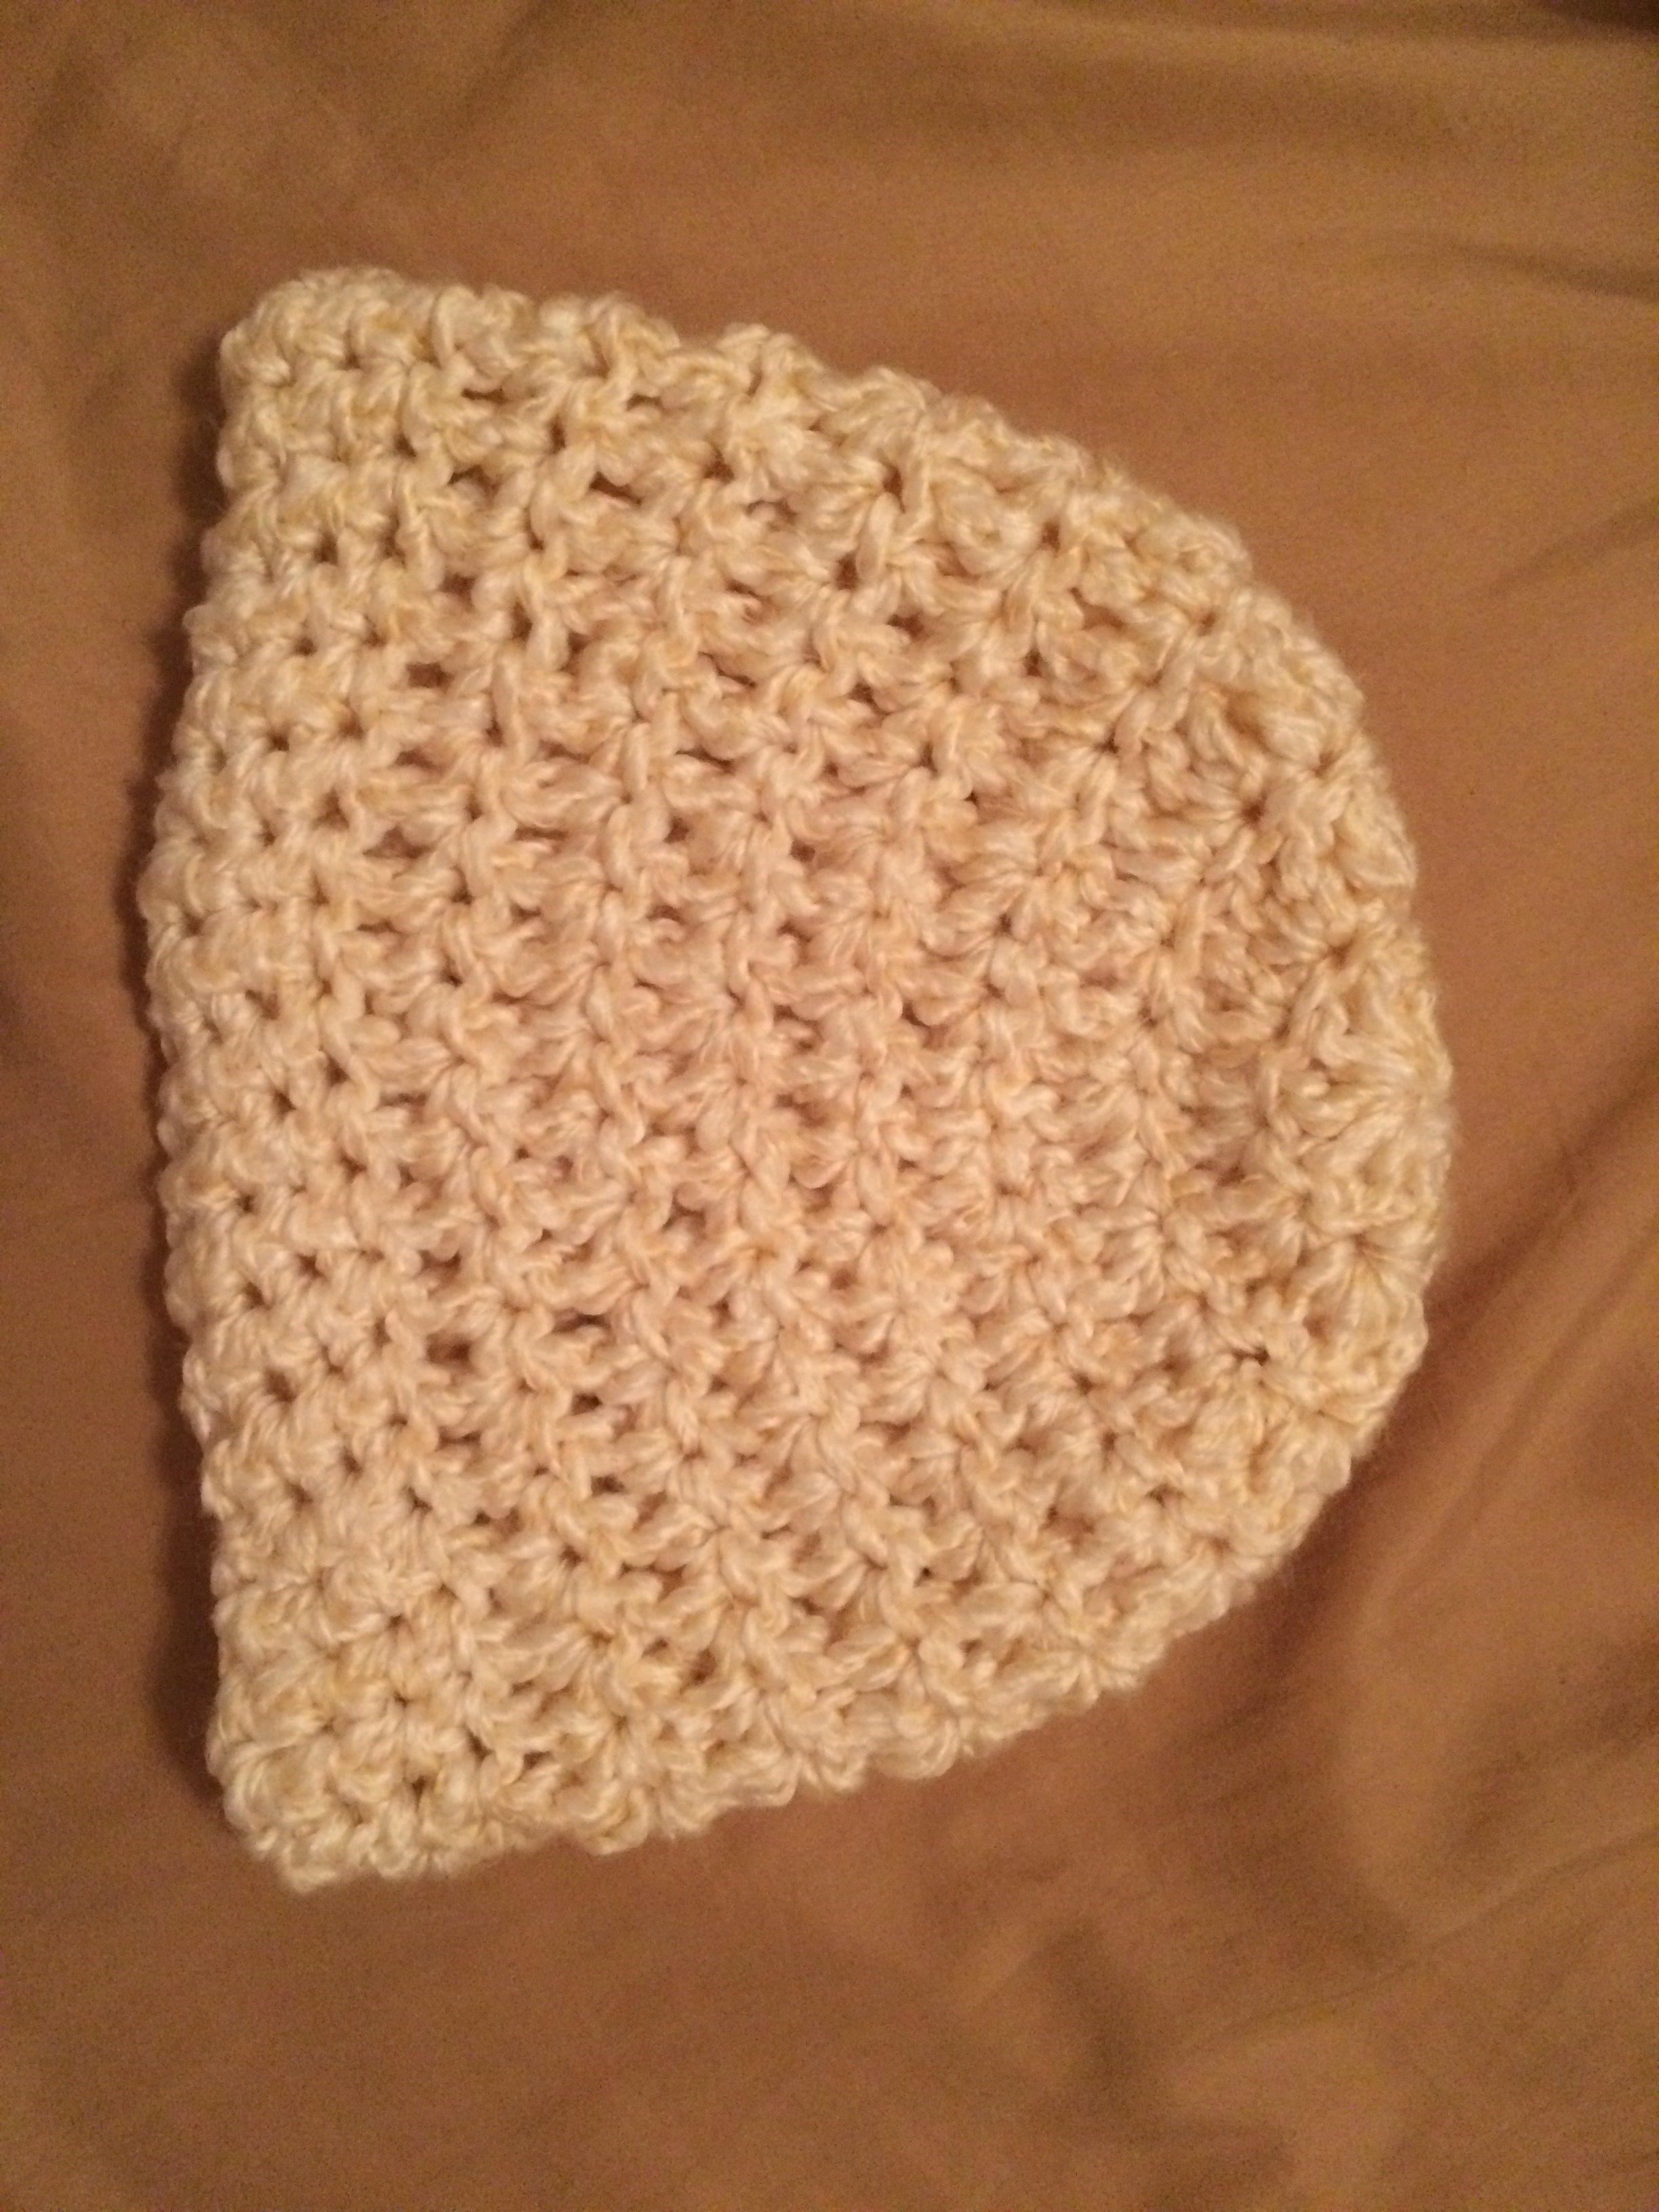 Women's chunky crochet hat http://rescuedpaw.com/post/93968178273/crochet-chunky-flower-button-hat-pattern#.U-LwjIBdWP5